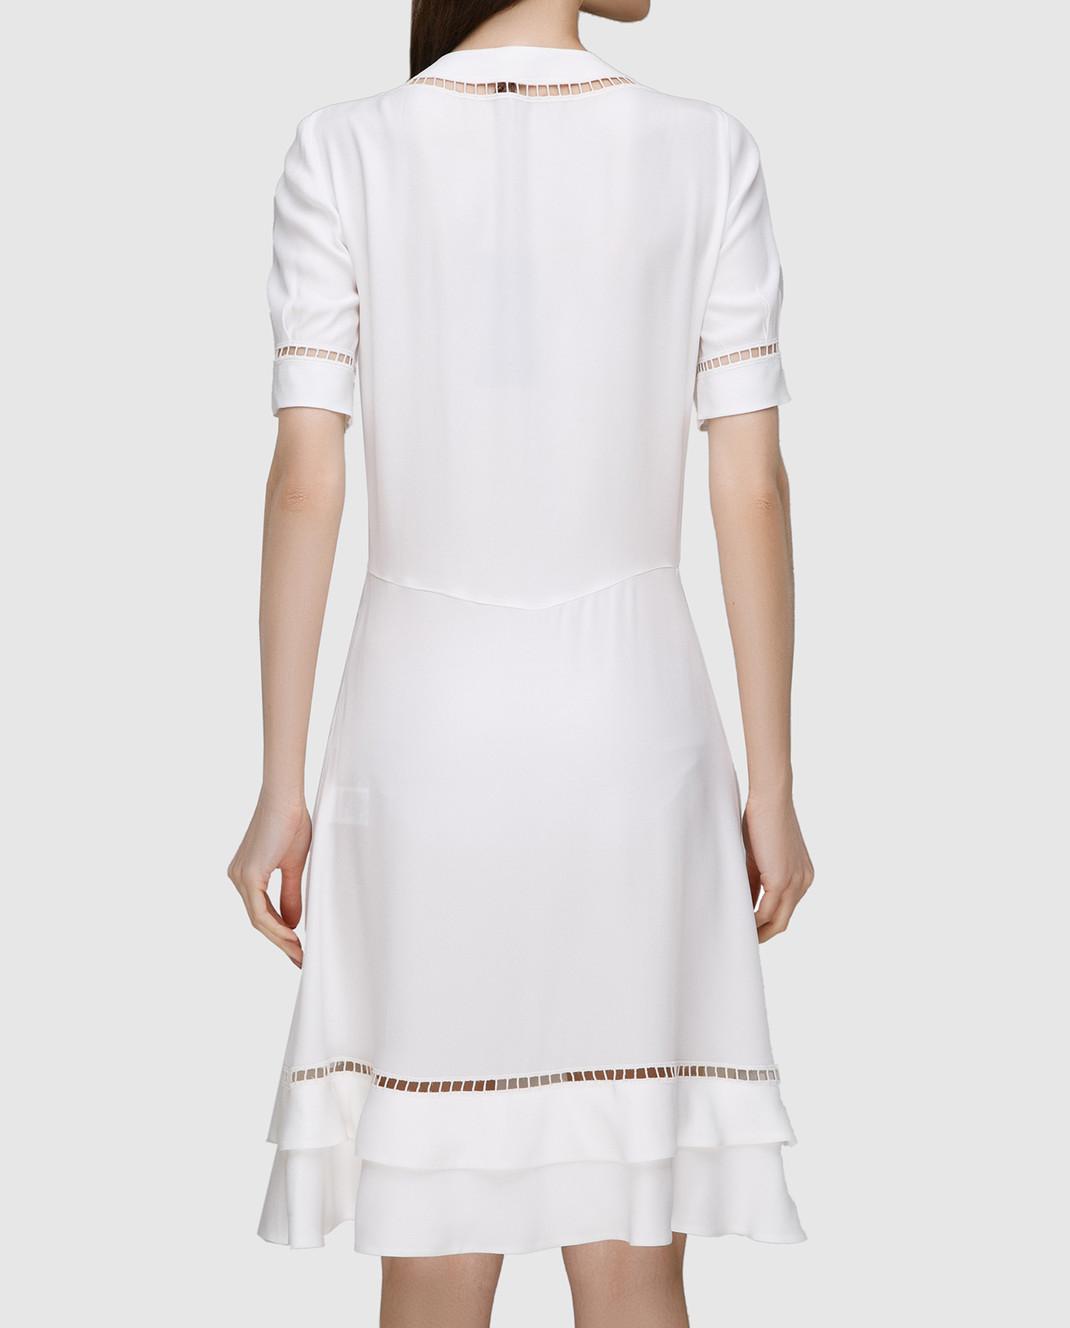 Ermanno Scervino Белое платье с кружевом D302Q320RVJ изображение 4